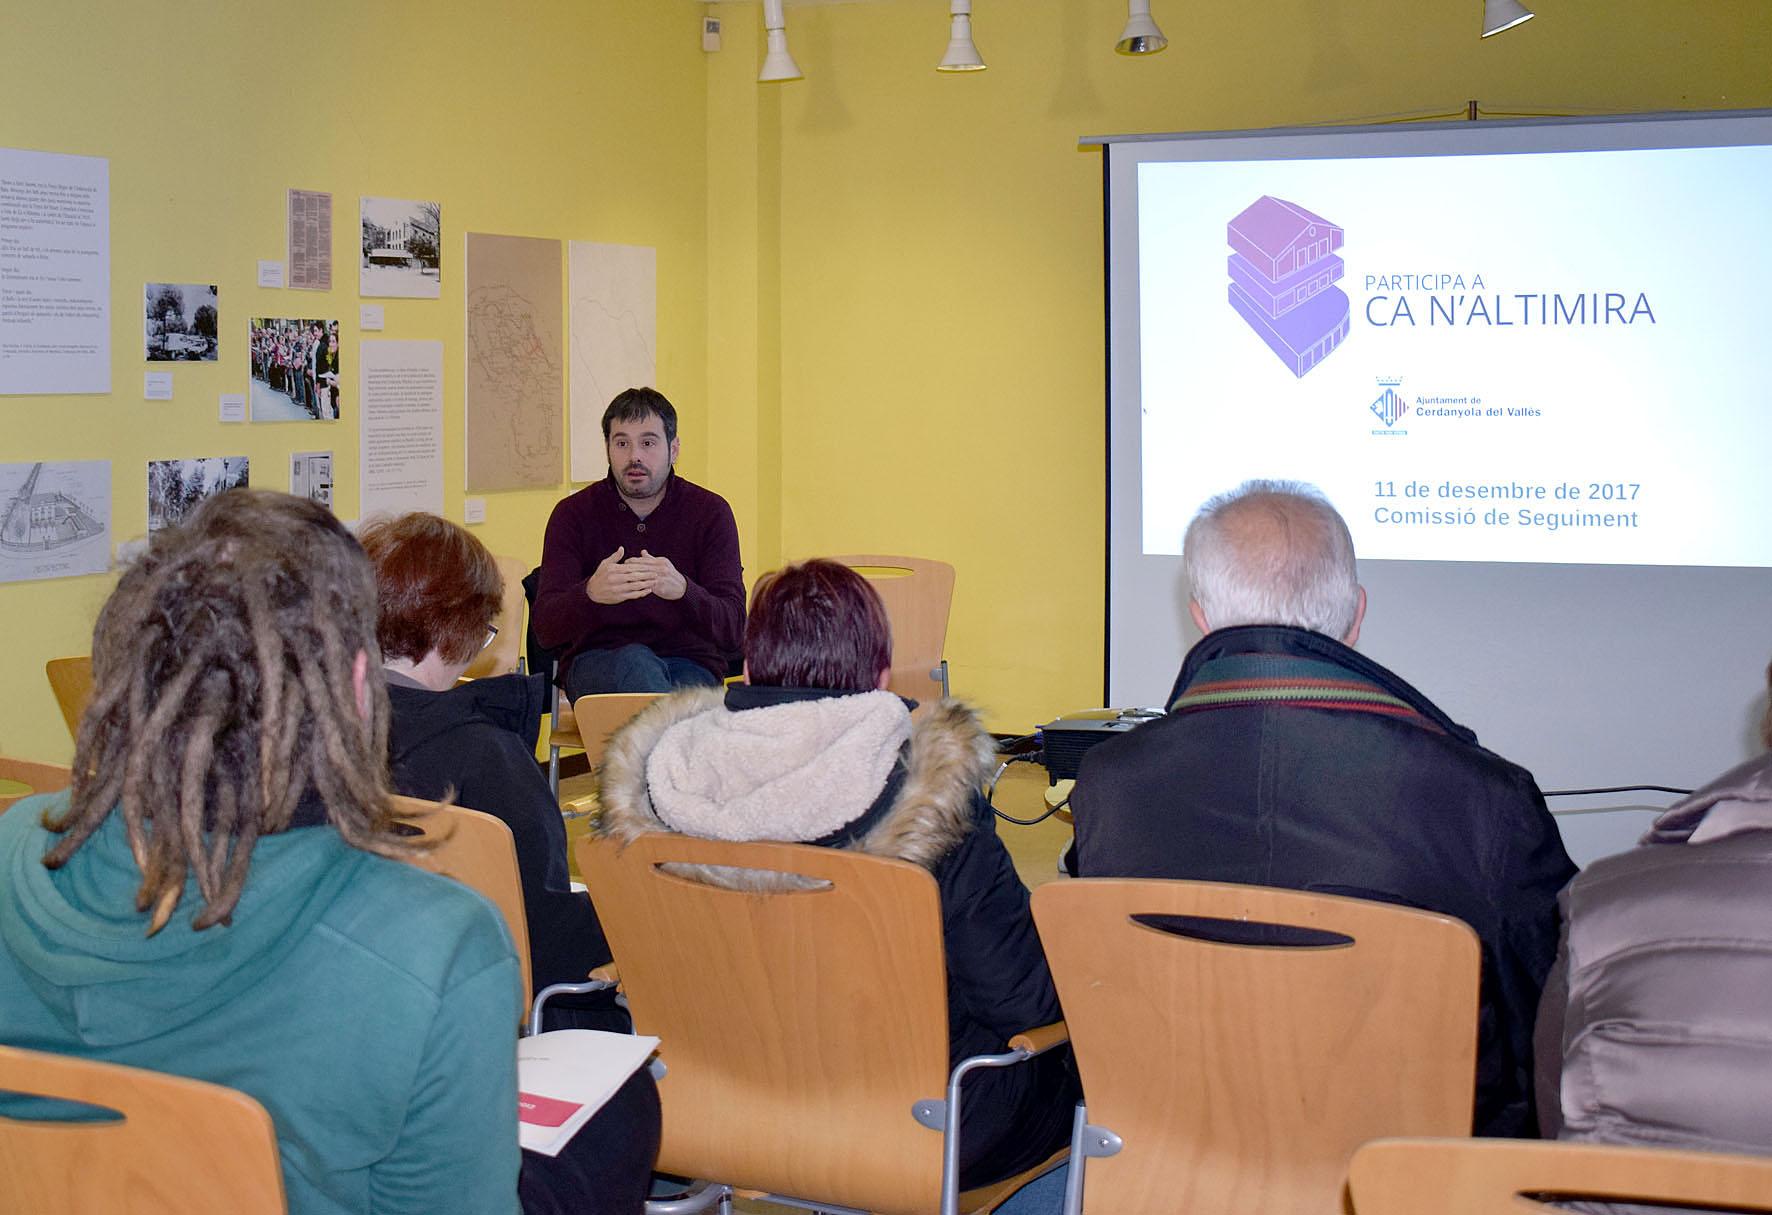 La presentació de les conclusions es va fer al mateix edifici de Ca n'Altimira